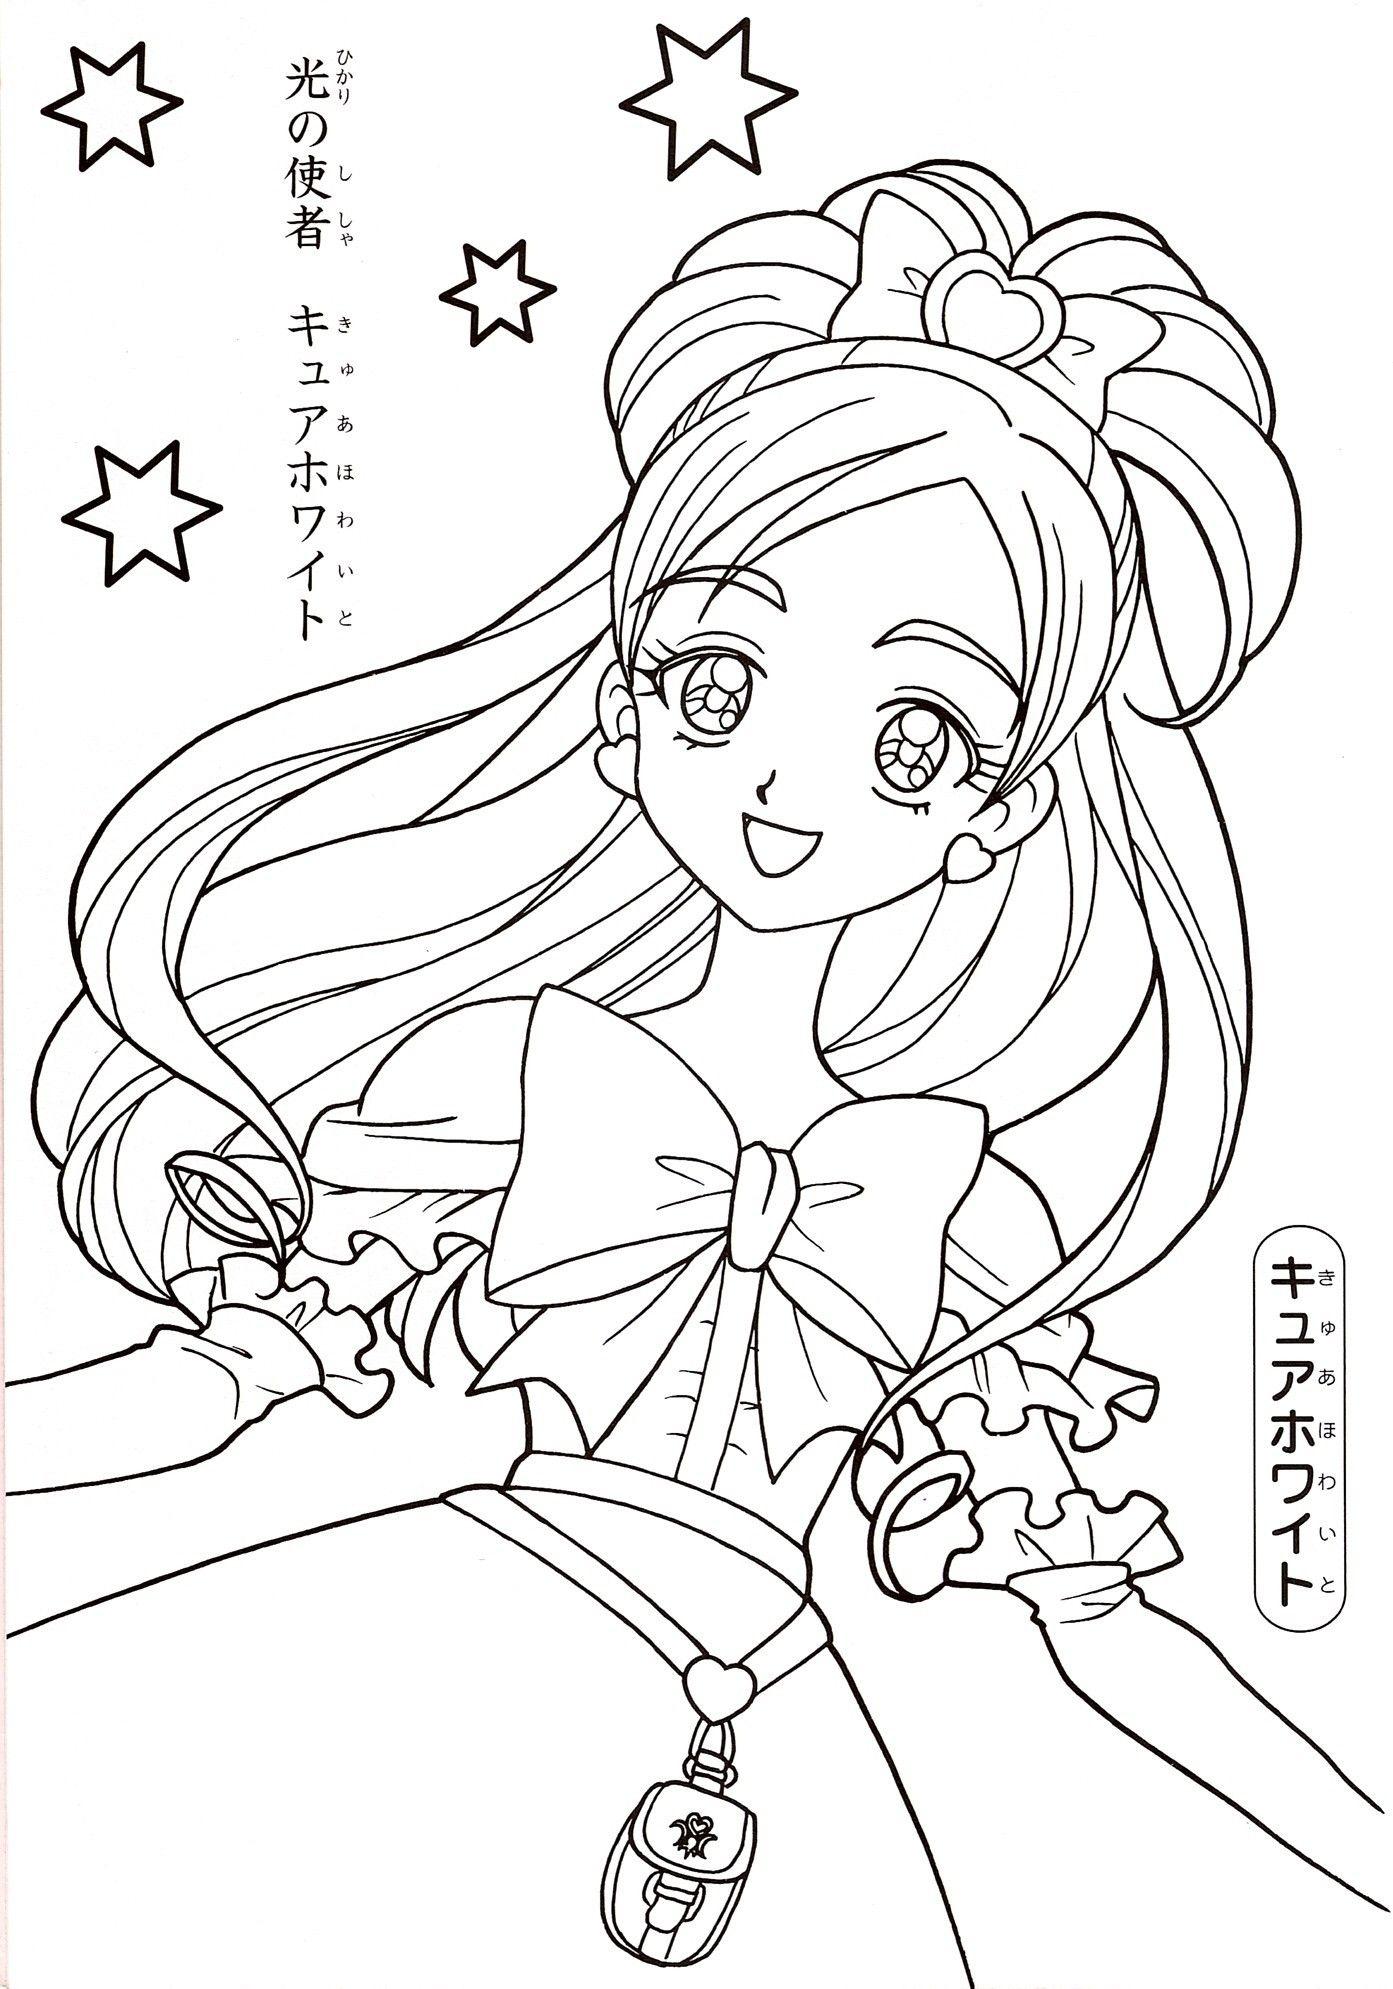 Hình tô màu công chúa anime đẹp nhất